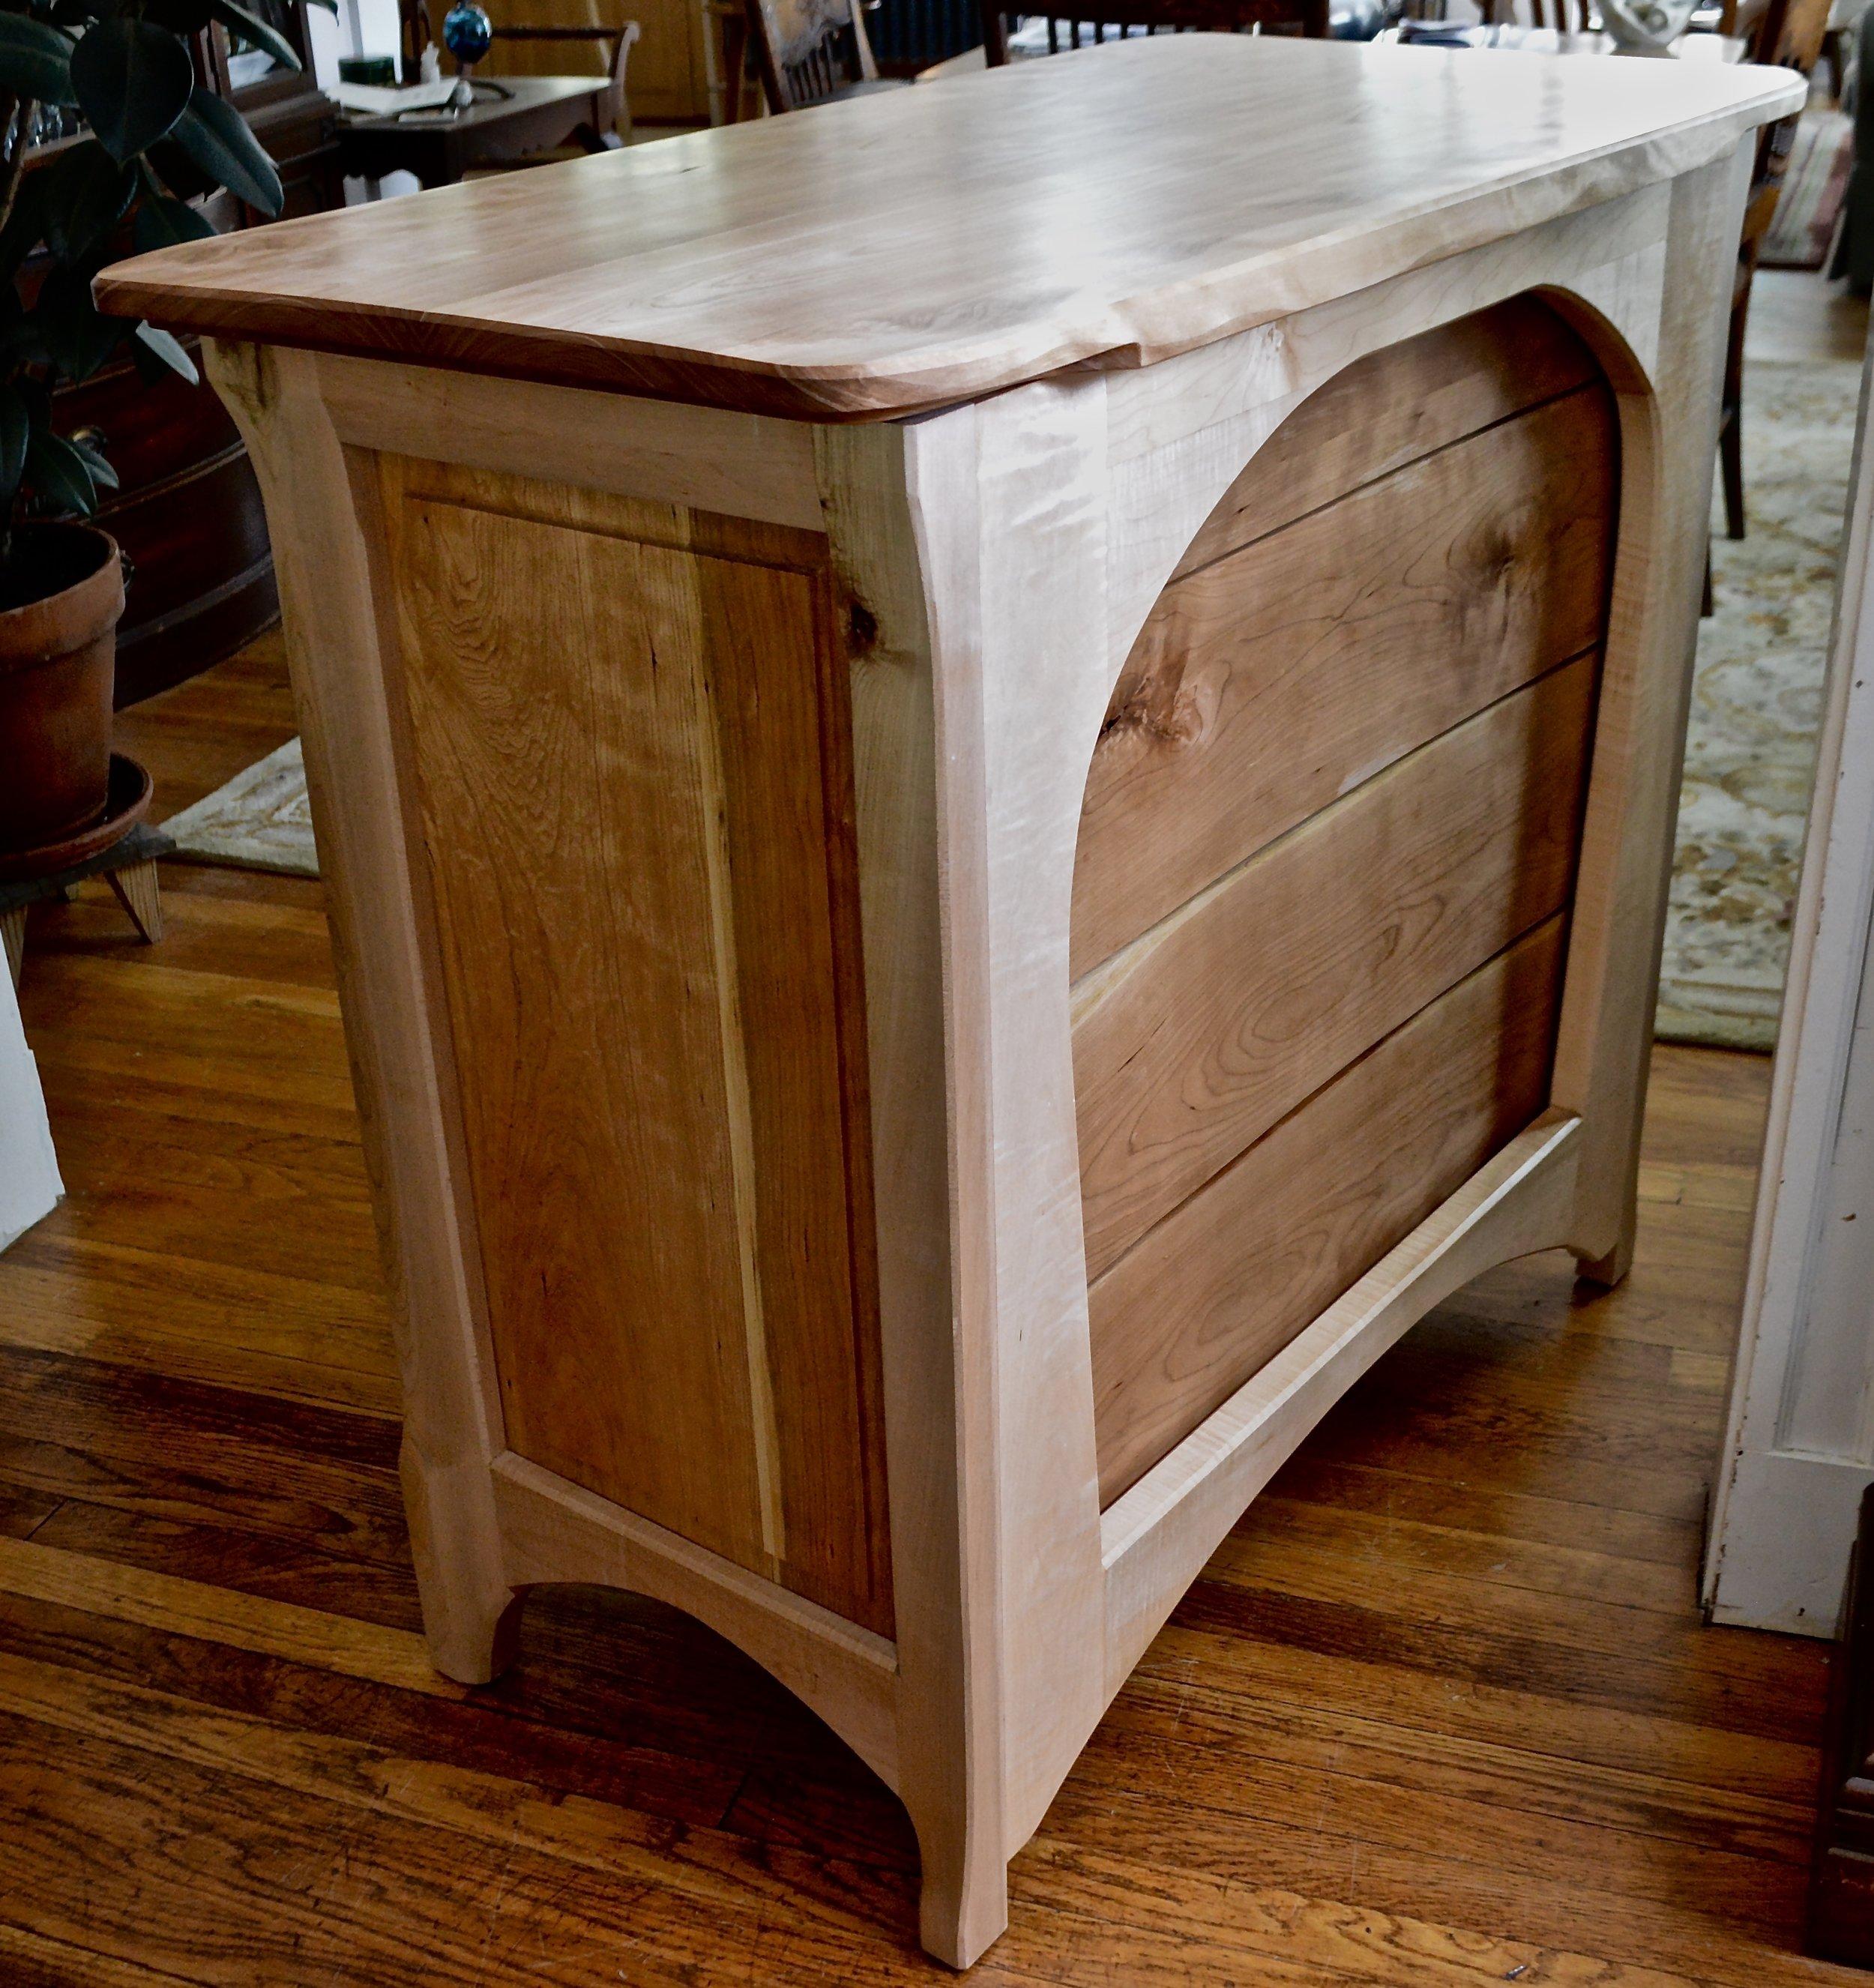 carved drawer backs belly in, arched back frame